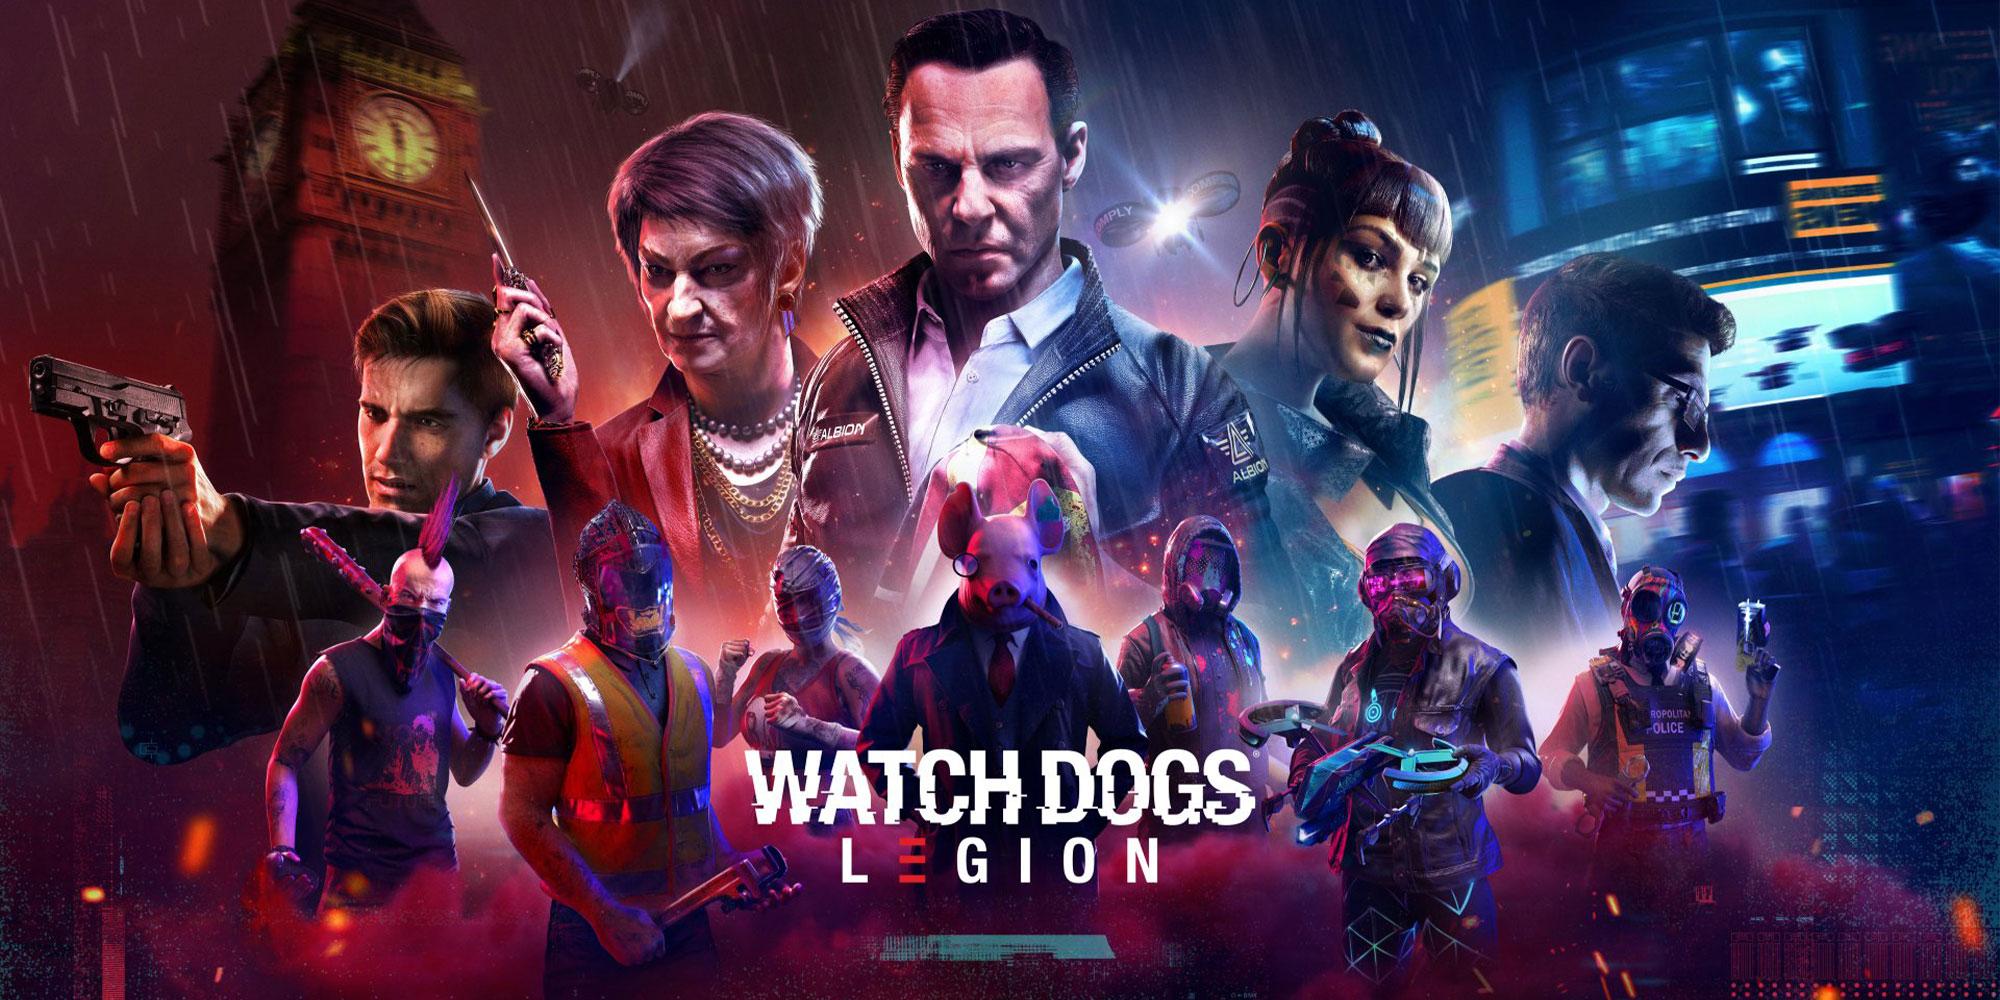 بازی Watch Dogs: Legion | هر آنچه باید از واچ داگز جدید بدانید